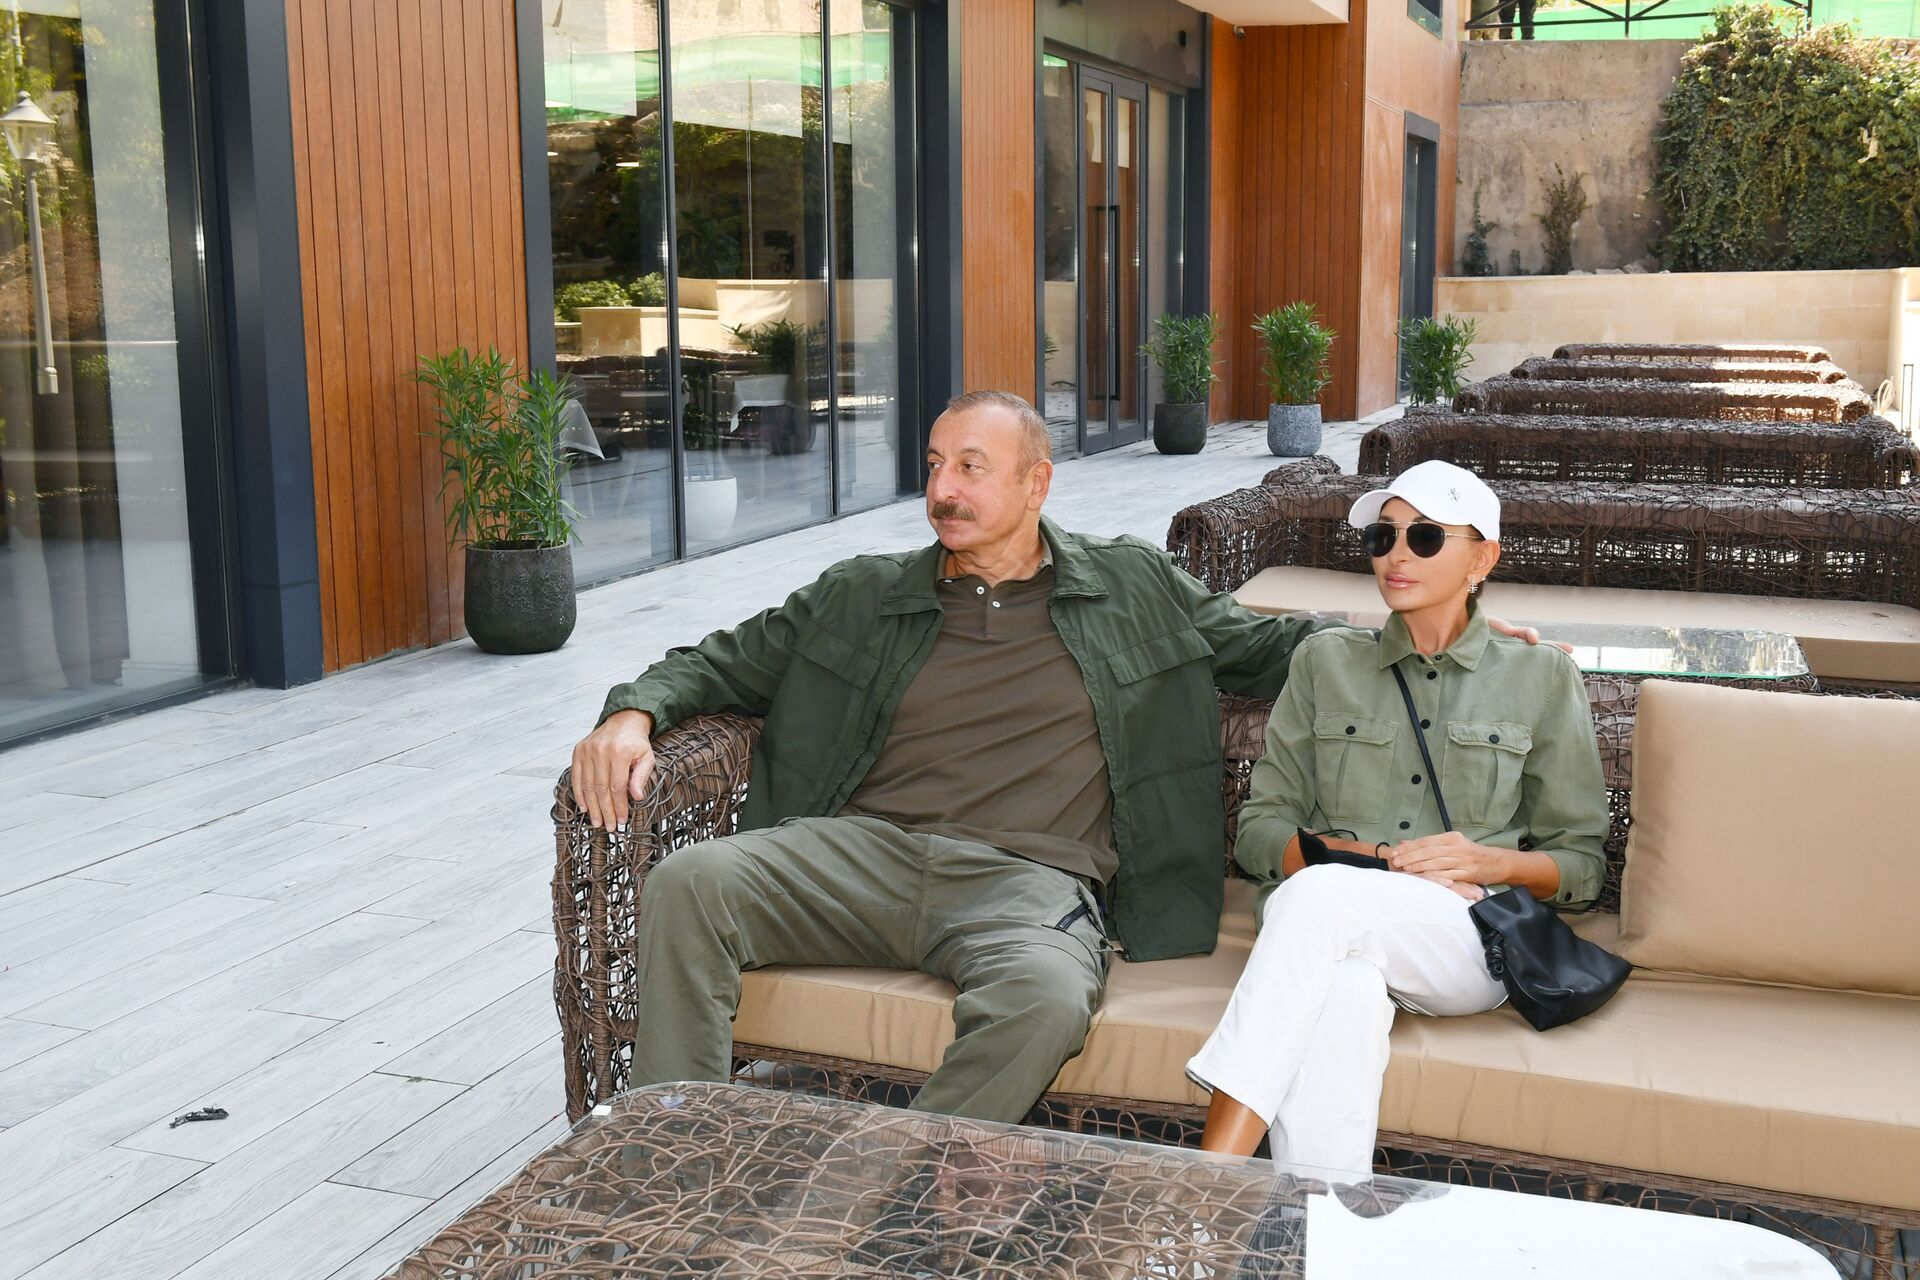 Президент Ильхам Алиев и первая леди Мехрибан Алиева приняли участие в открытии отеля «Карабах» в Шуше  - Sputnik Азербайджан, 1920, 01.10.2021